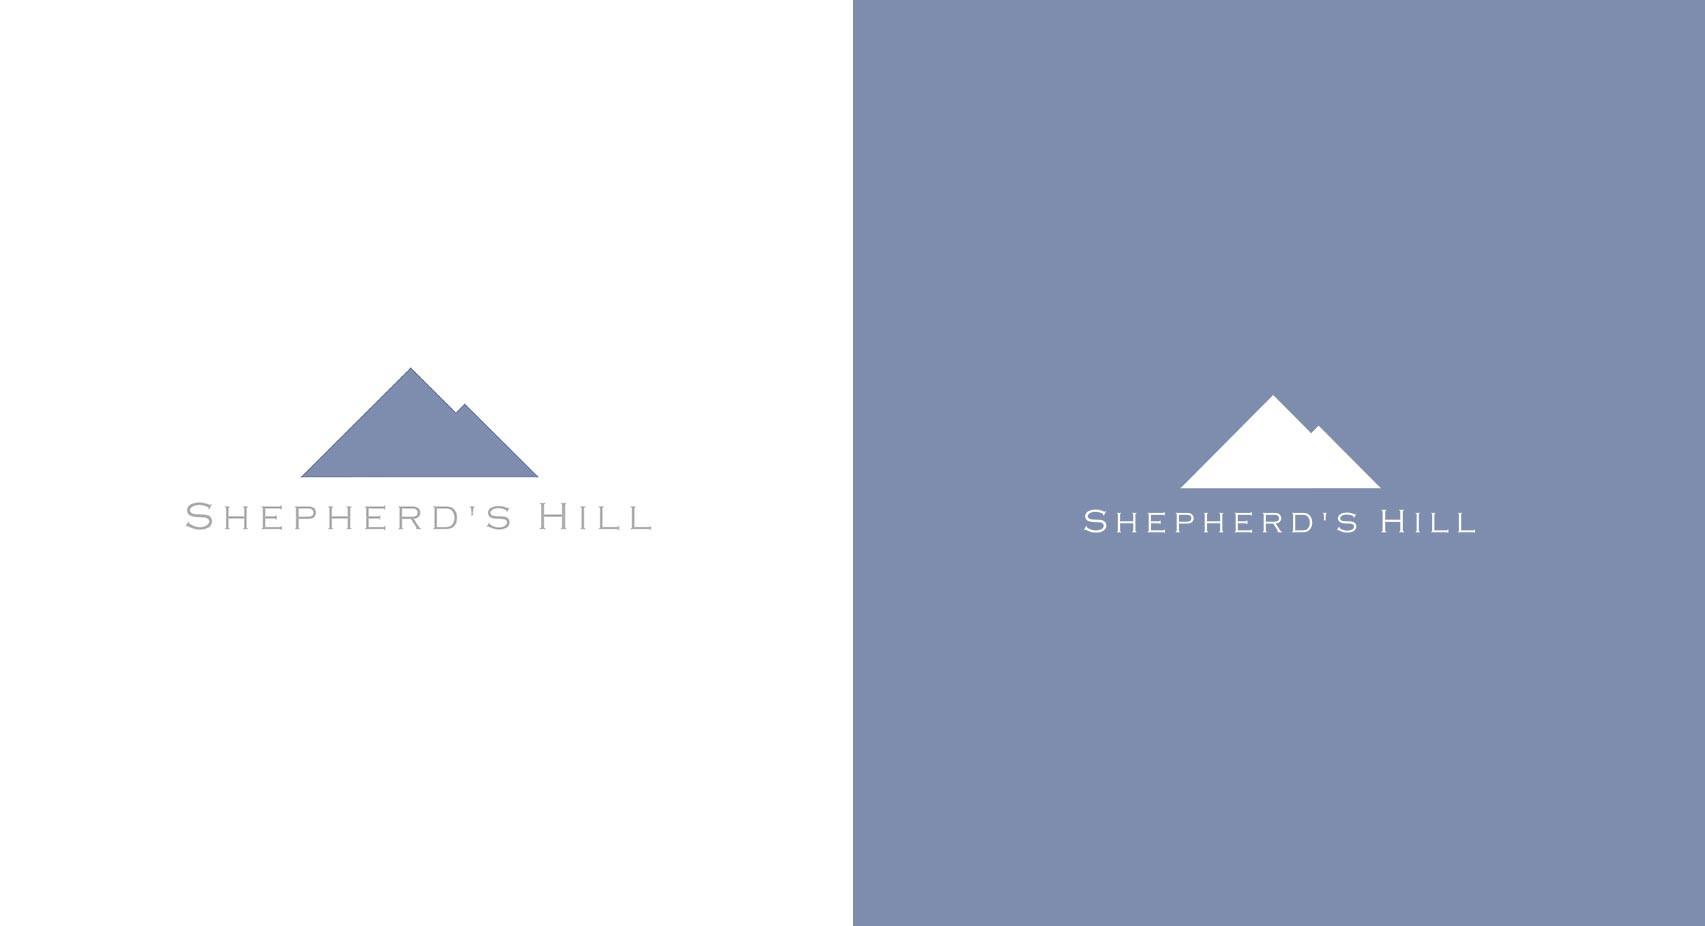 ShepherdsHill7.jpg